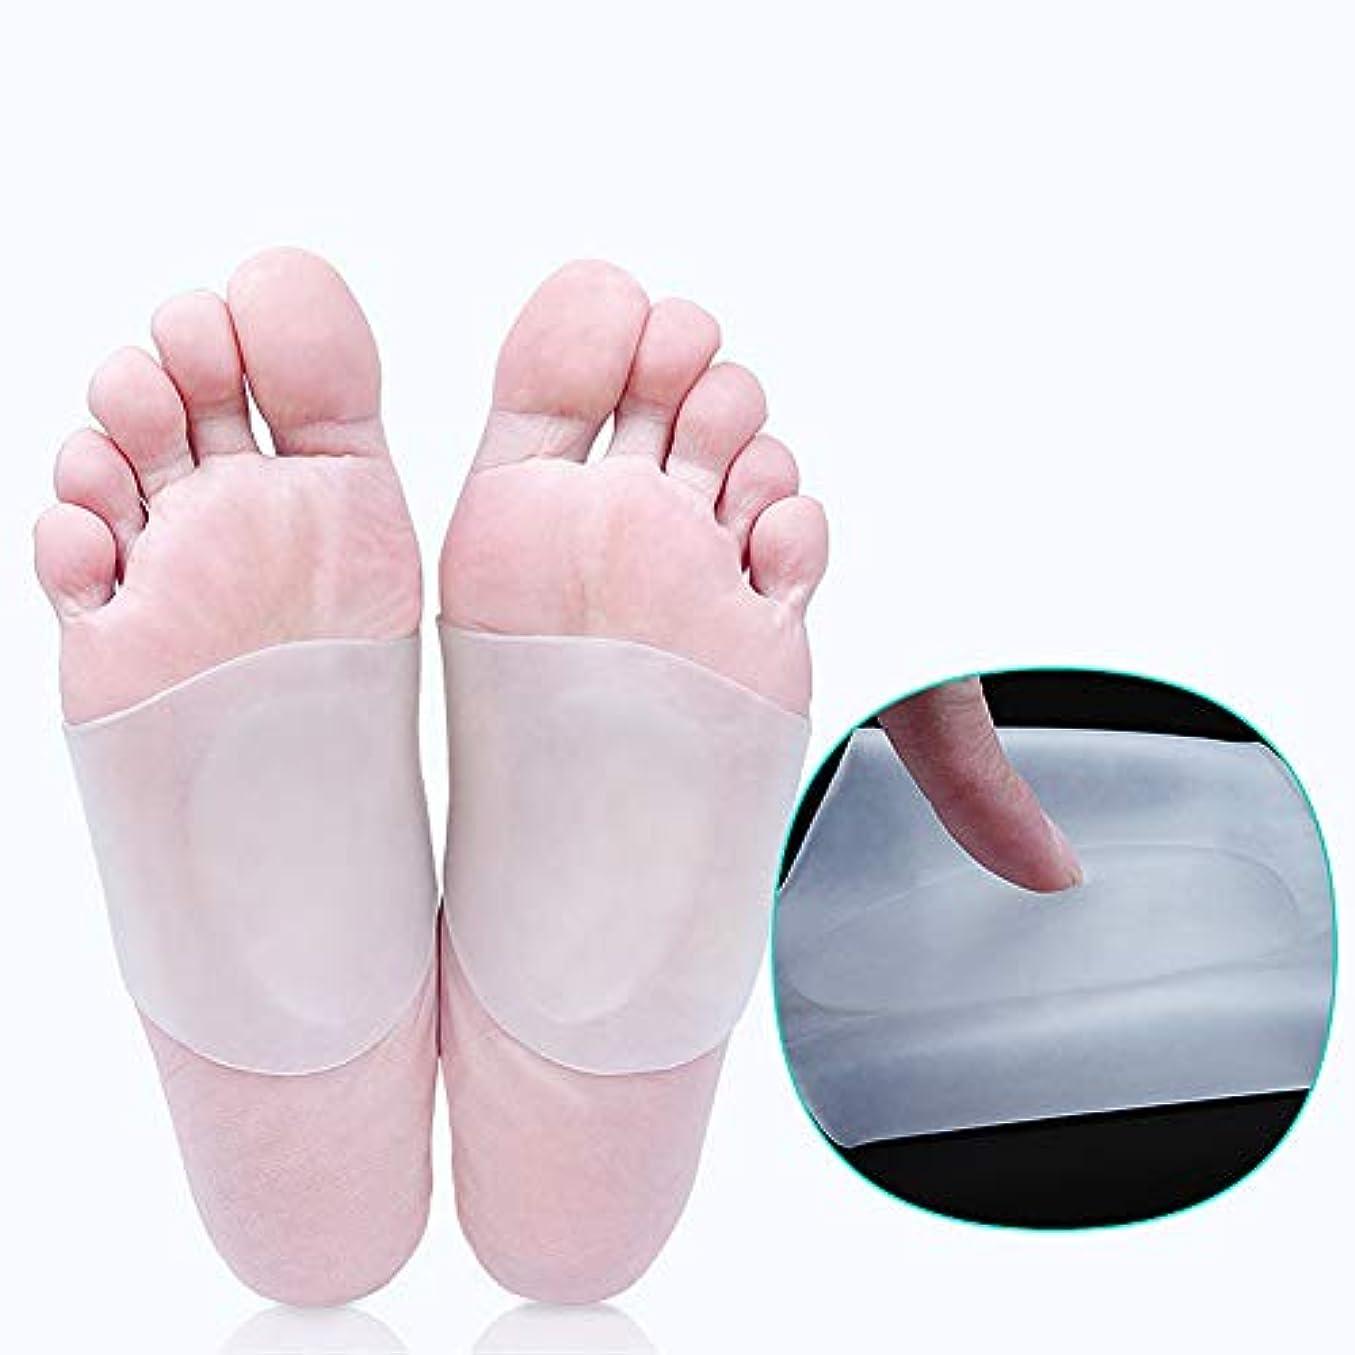 打ち上げる予測トラフィックアーチ型サポートシューインサートフットパッド、足底筋膜炎インサートフラットフットパッド、ハイまたはローアーチジェルパッドインソール、フットアーチとかかとの痛みを緩和 (S)